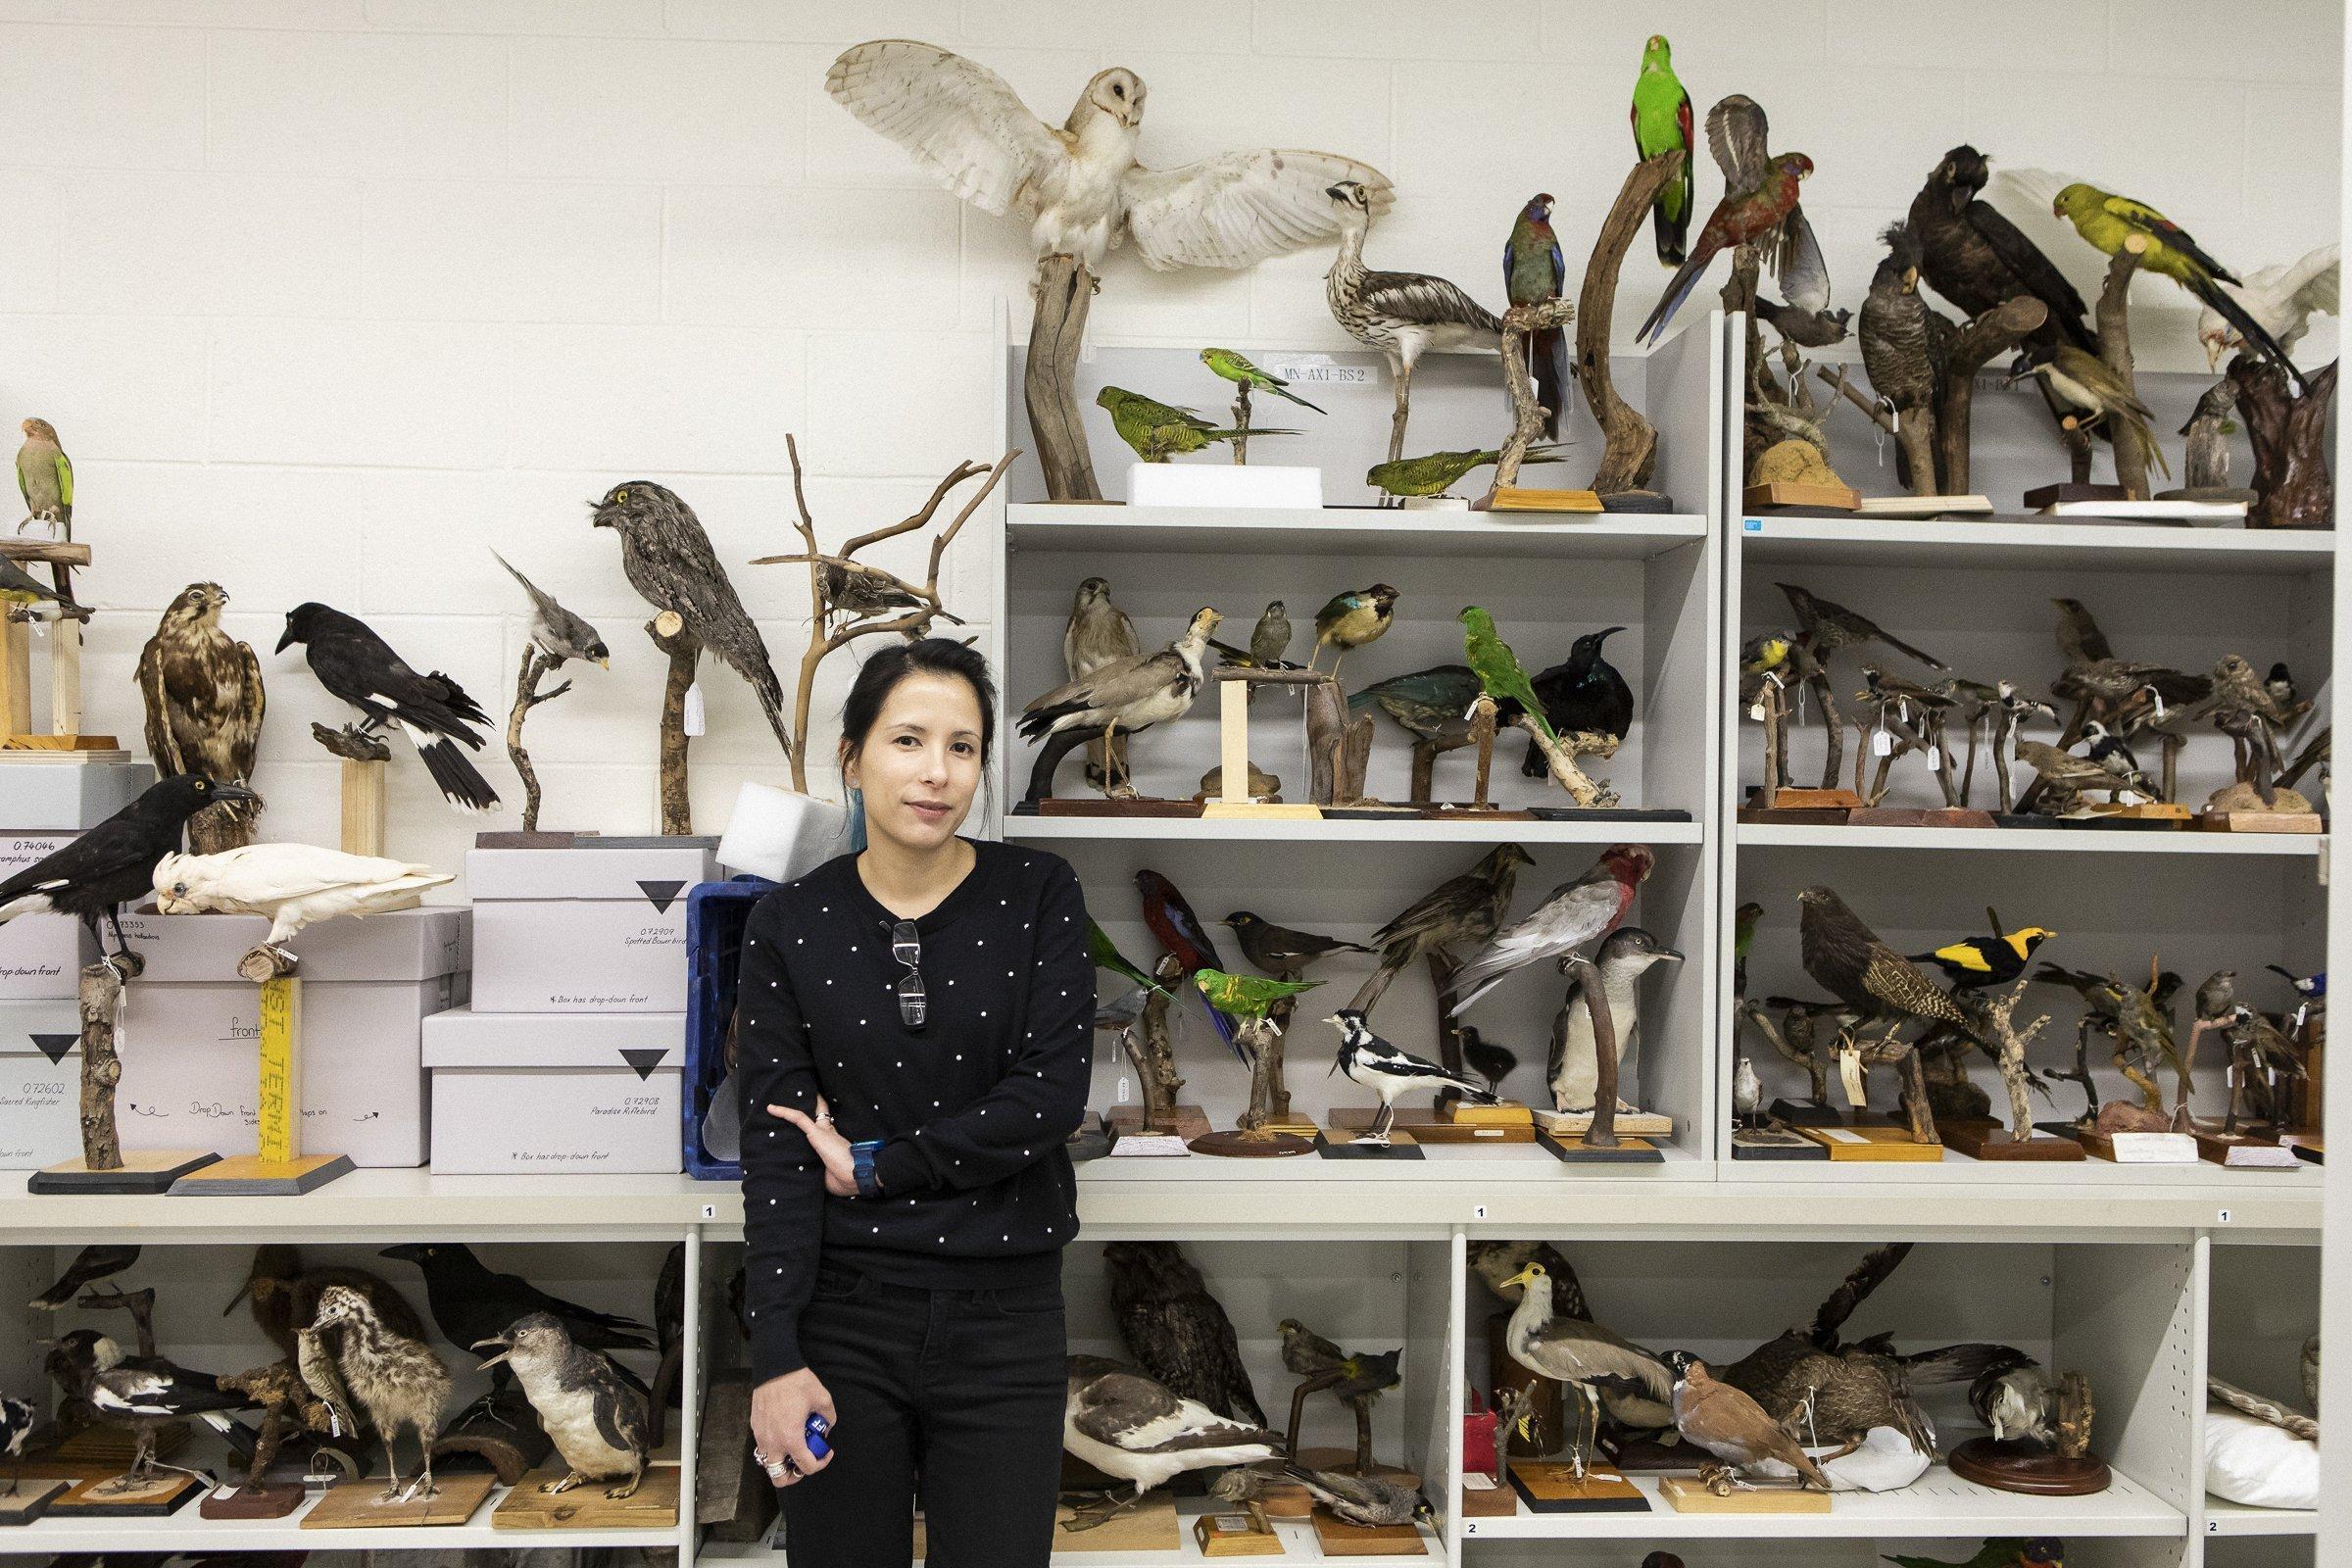 Leah R. Tsang, Ornithologin am Australian Museum in Sydney vor einer Wand mit verschiedensten Vogelpräparaten in der naturkundlichen Sammlung ihrer Institution.